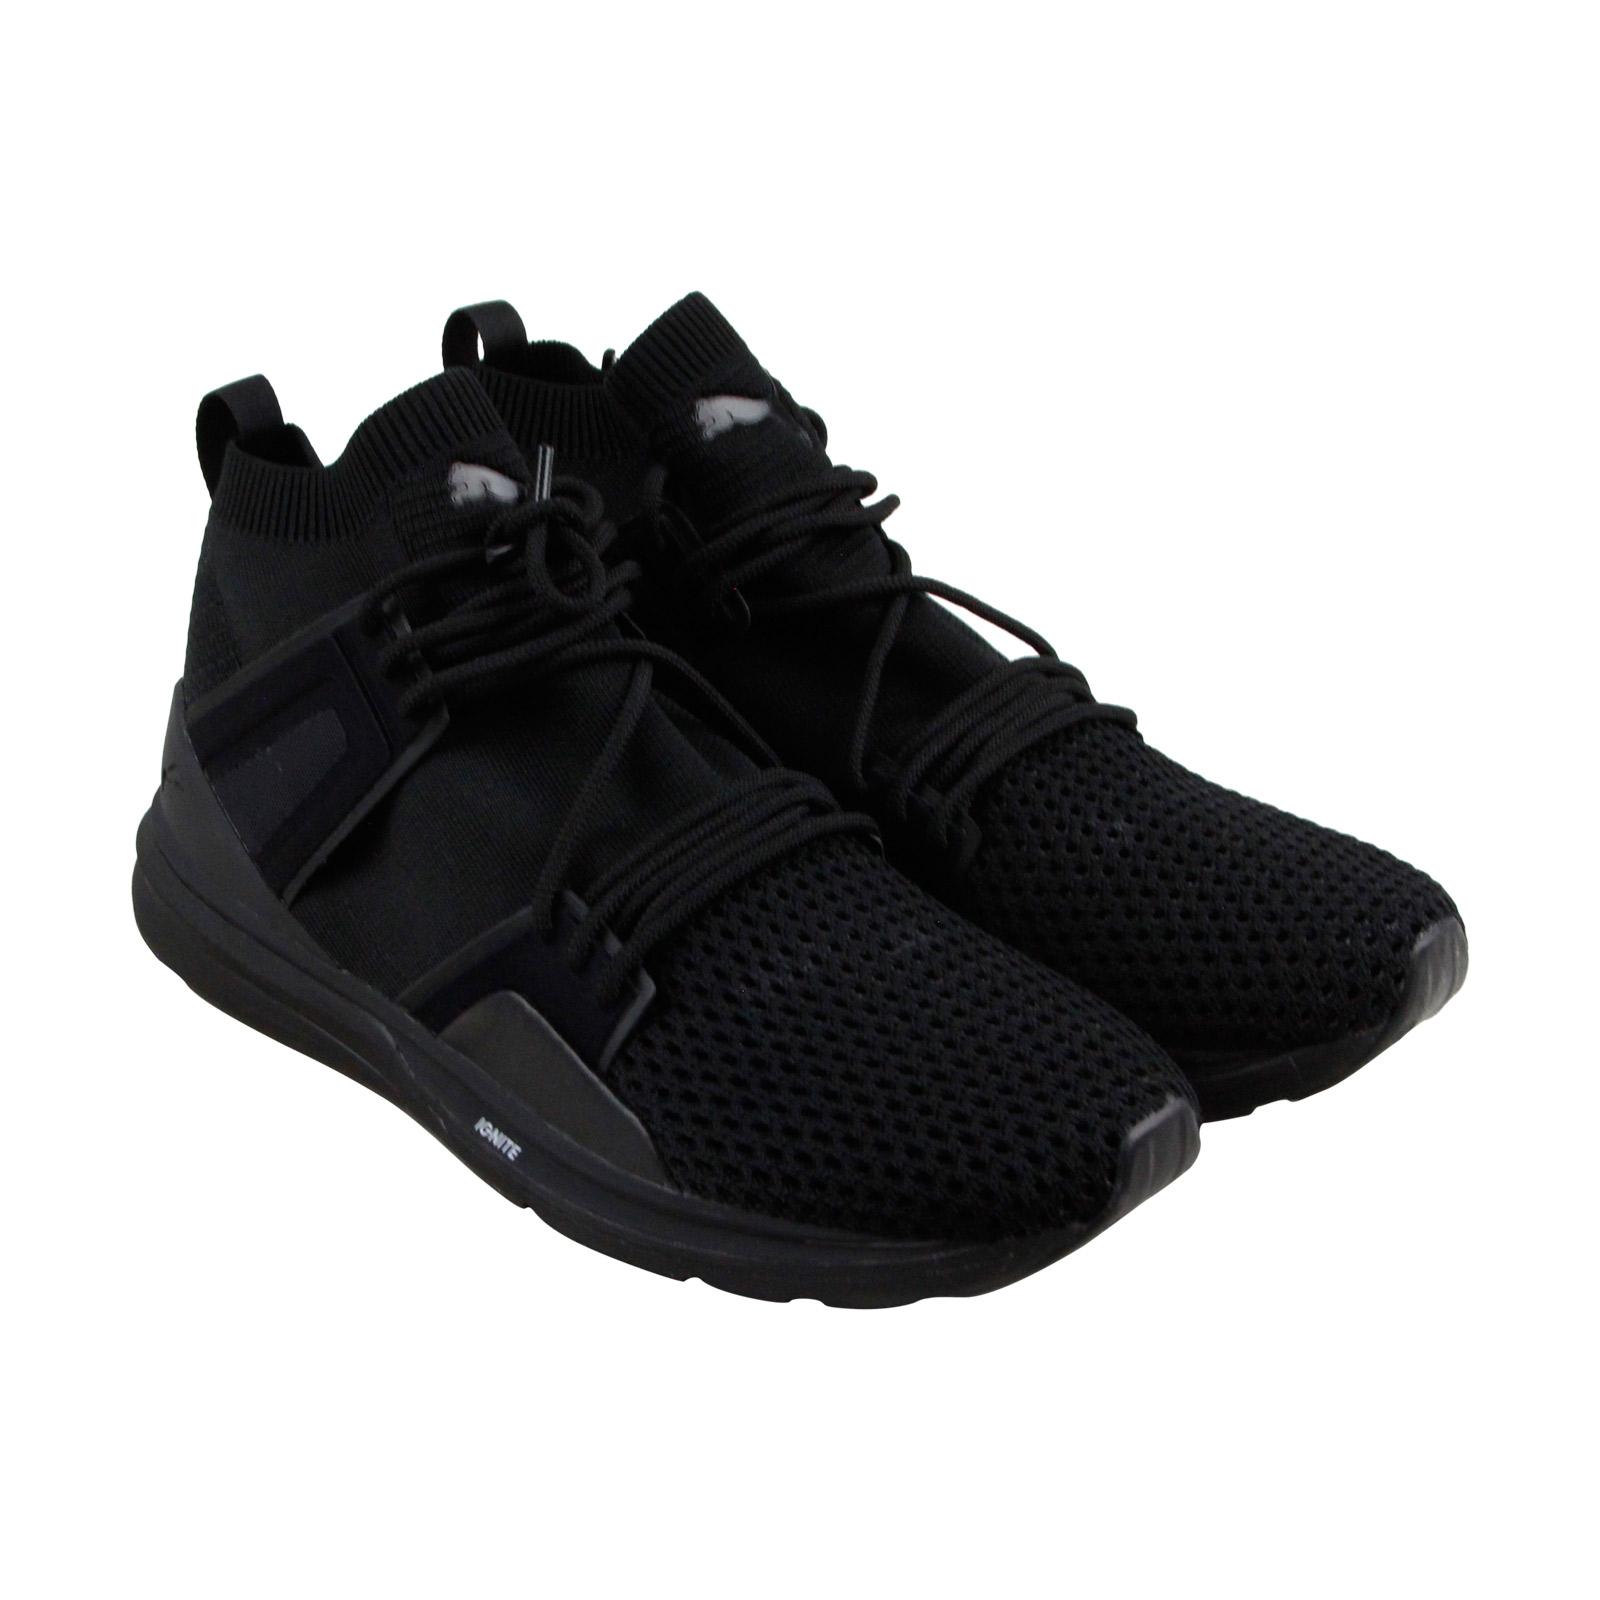 Puma B.O.G Limitless Hi Evo Knit Mens Black Mesh Bthletic Training Shoes